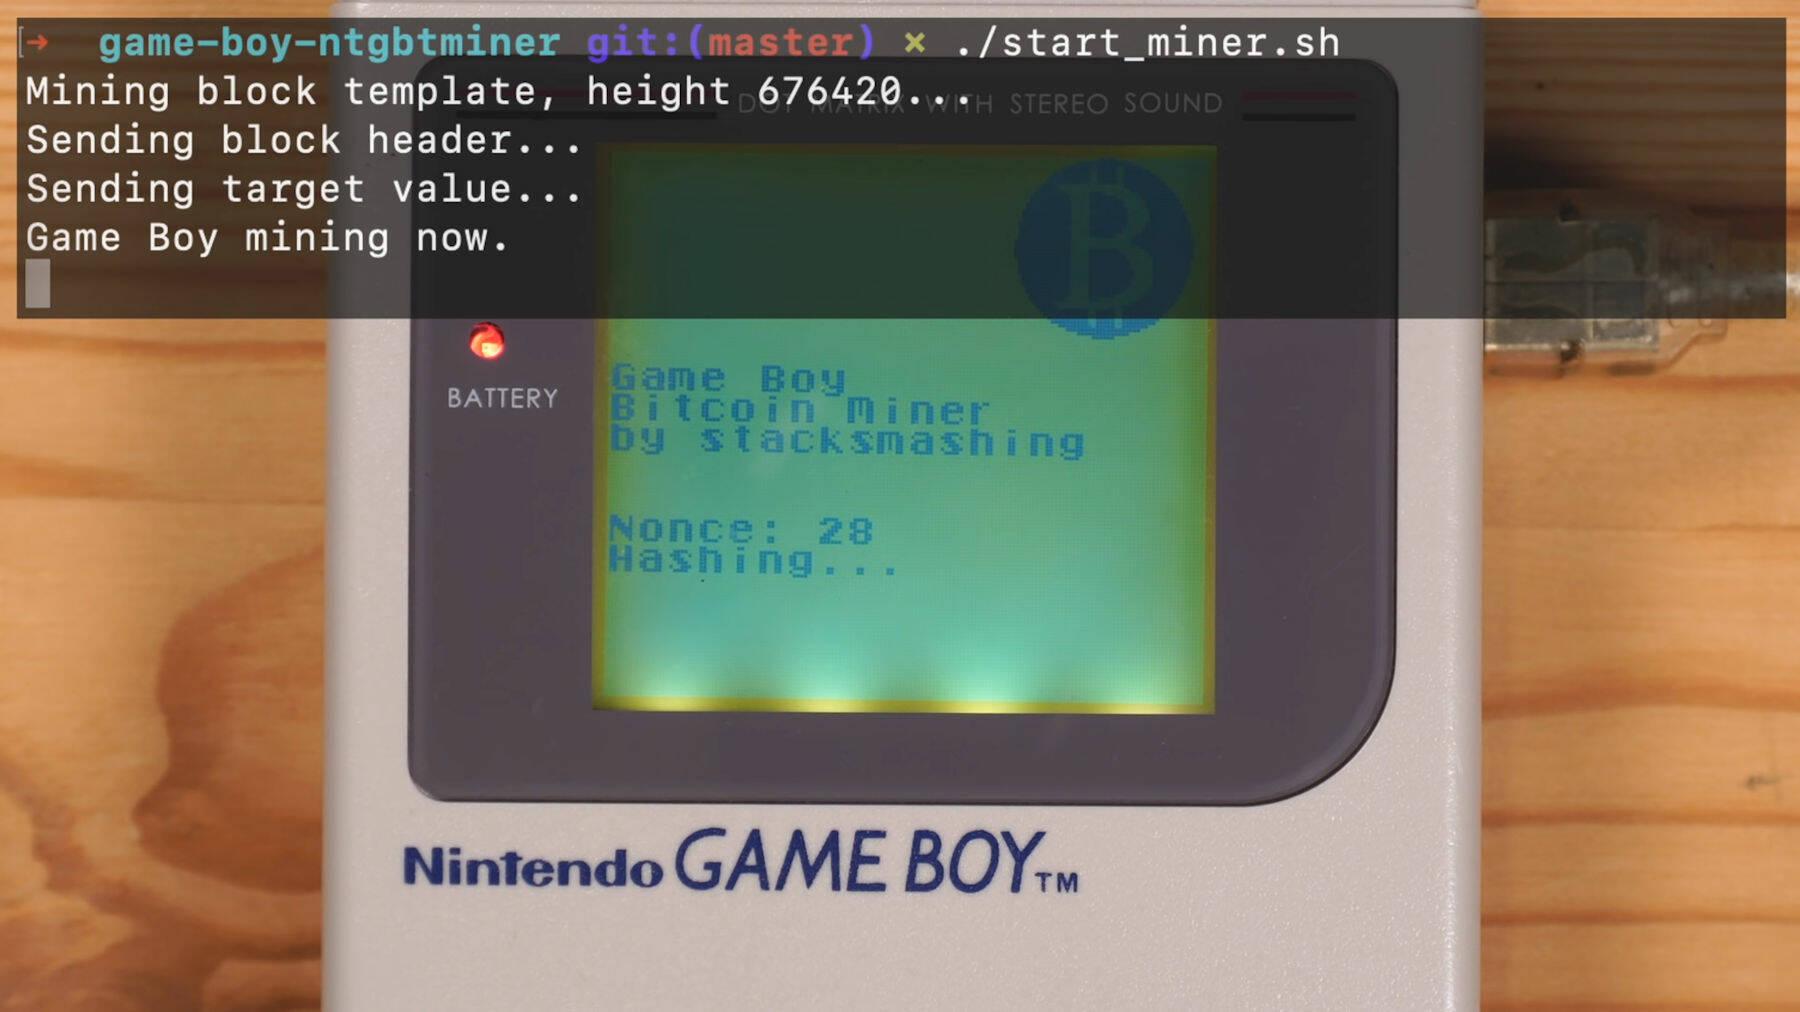 GameBoy BTC miner